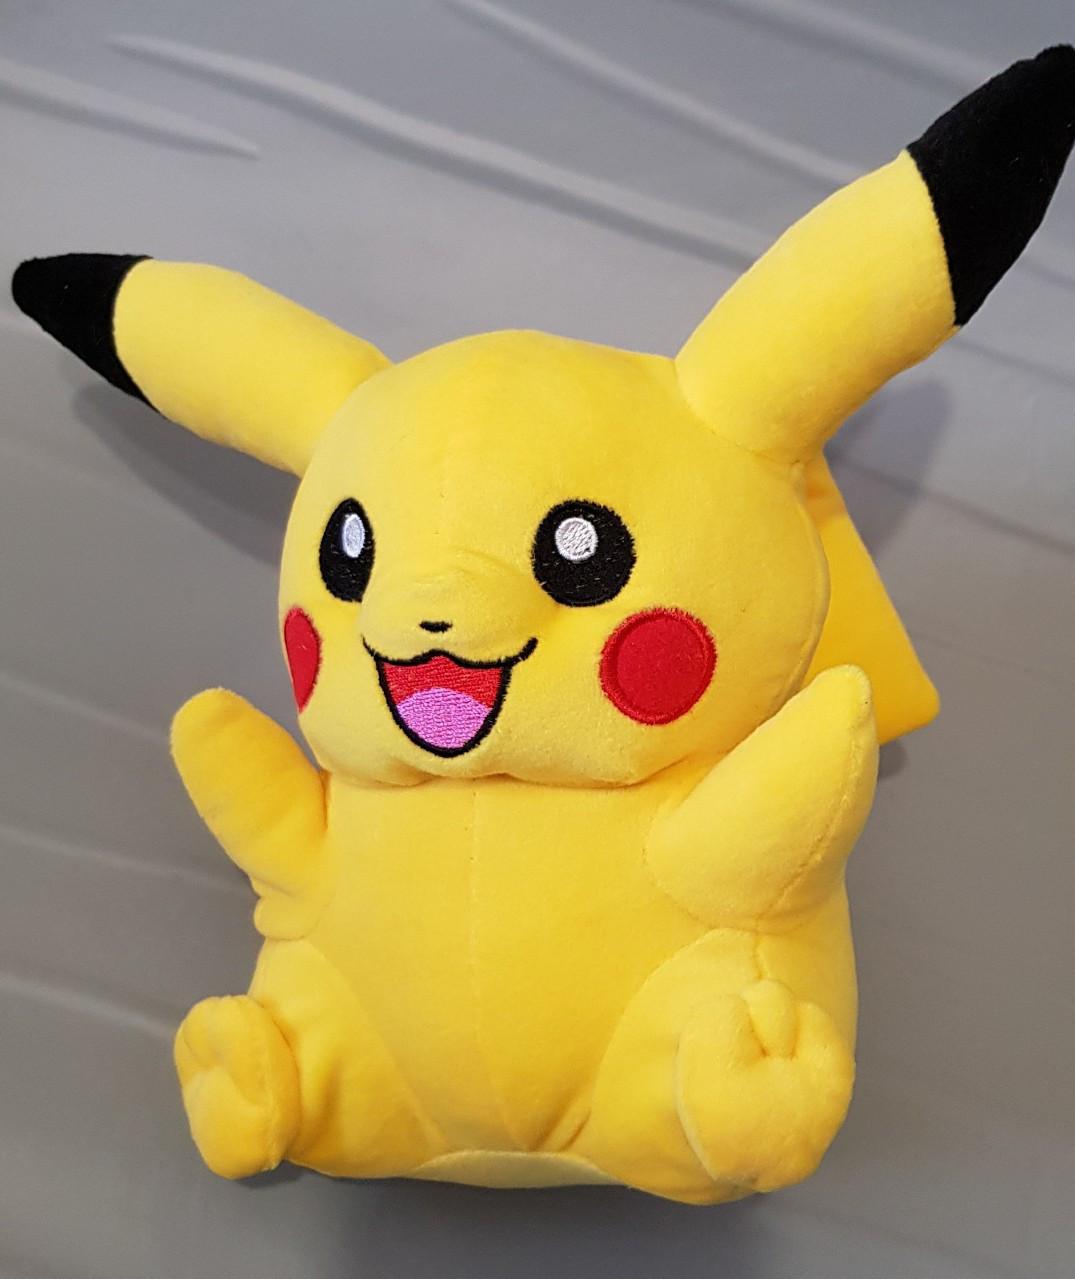 Пикачу игрушка Покемон мягкая игрушка 40 см к фильму Покемон. Детектив Пикачу